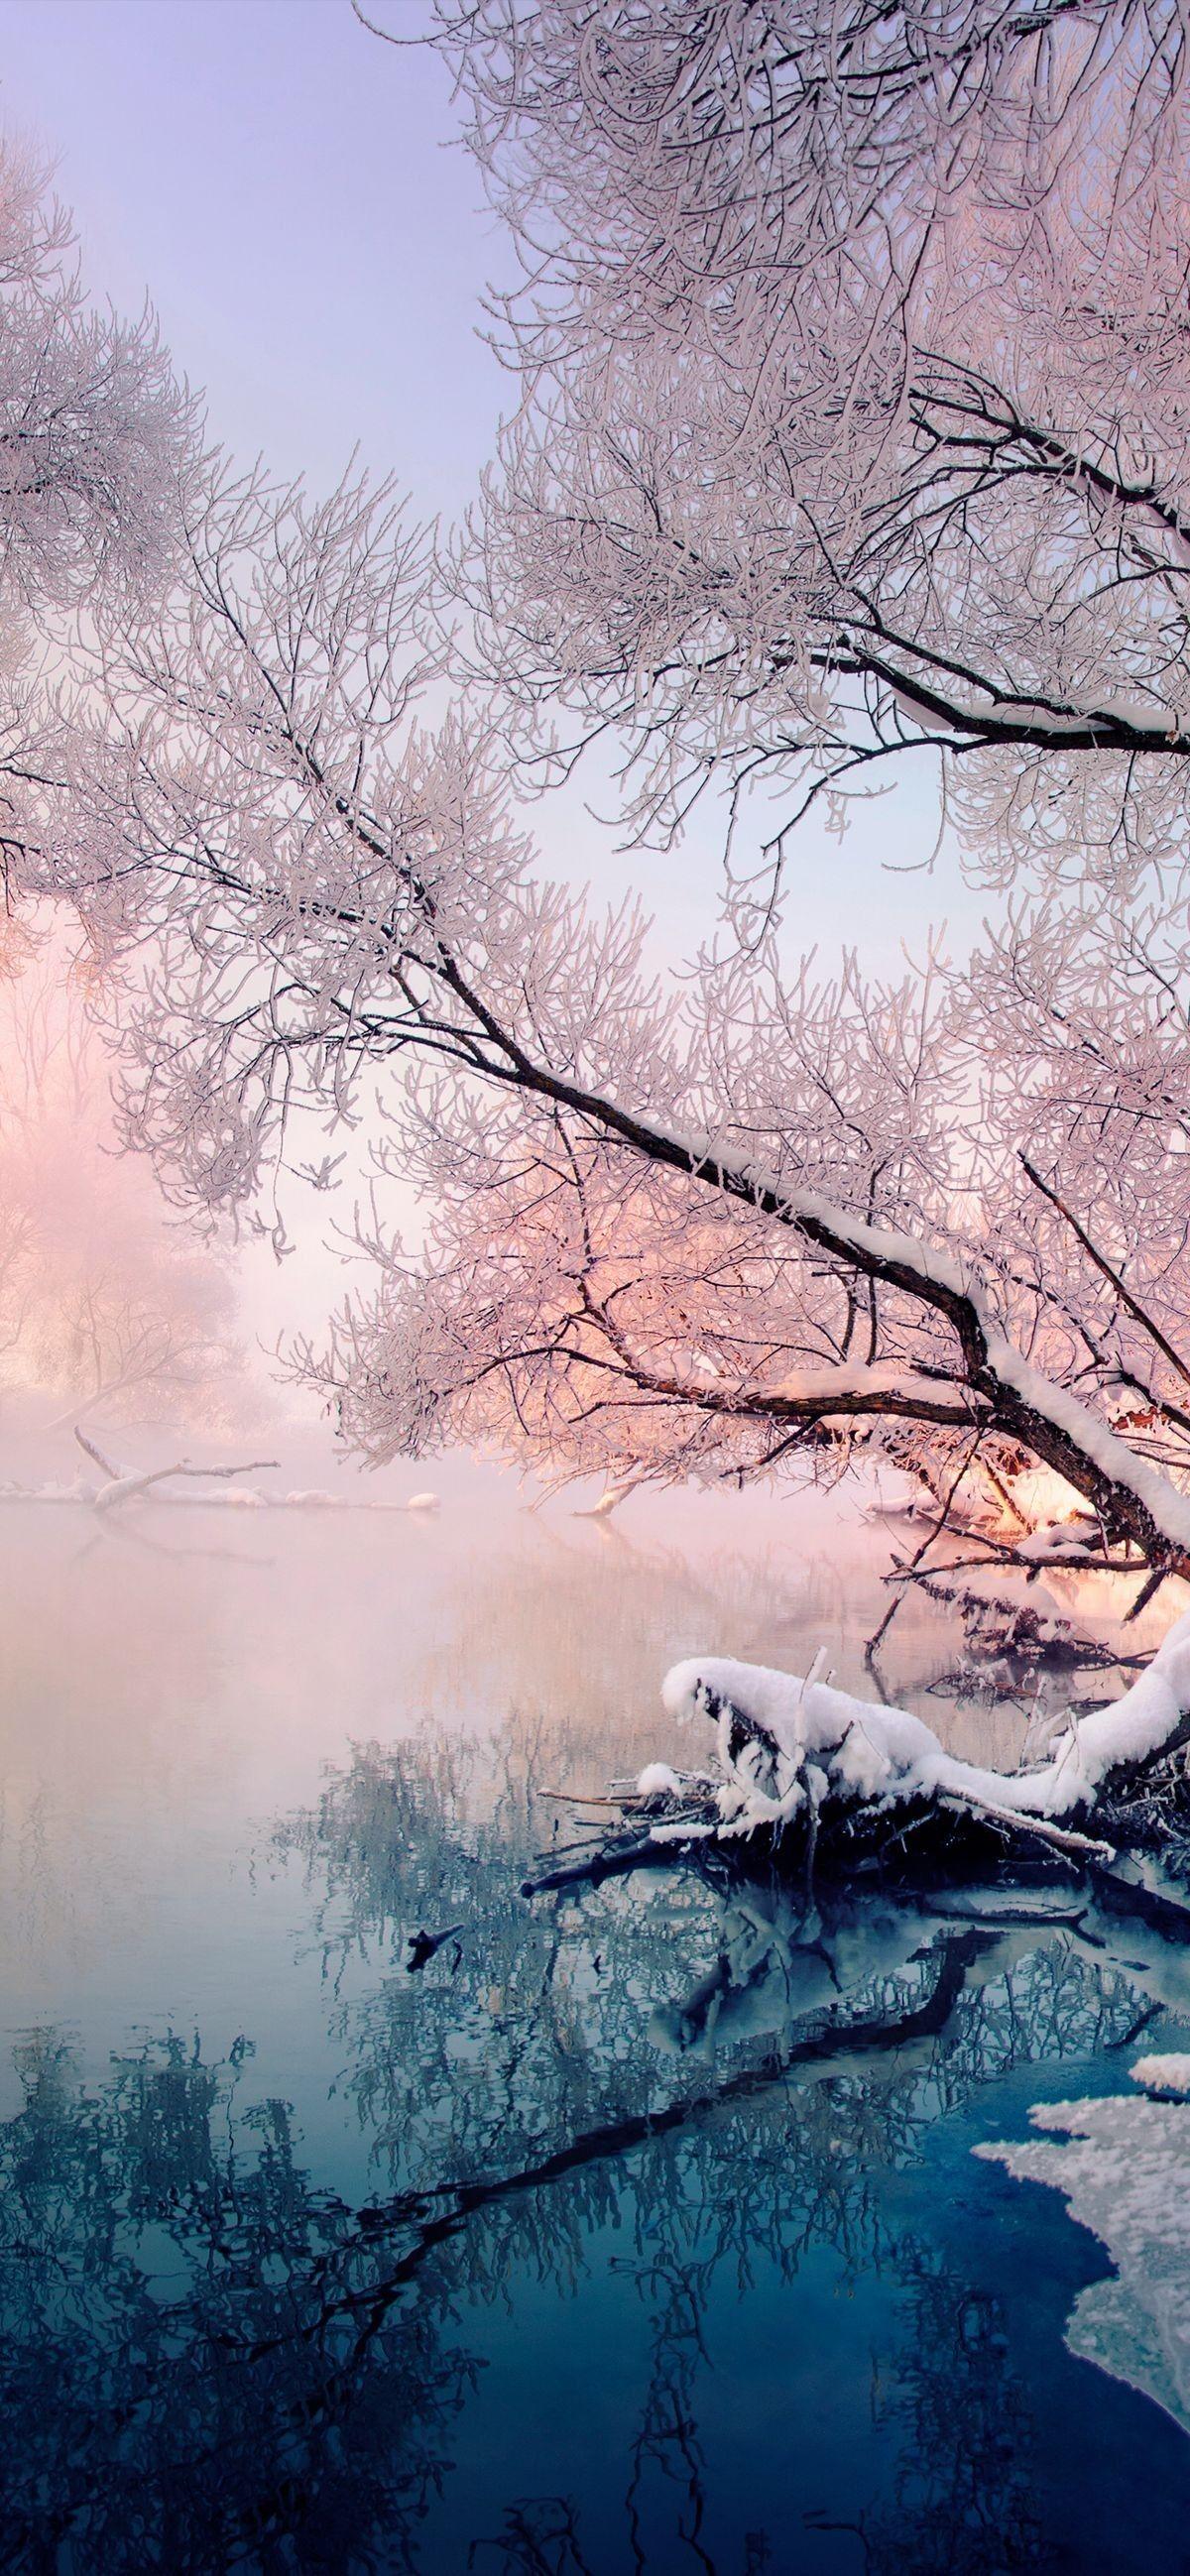 Naturbilder: schöne #Naturbilder #Natur #Baum #Gewässer #Winter #winterlandscape